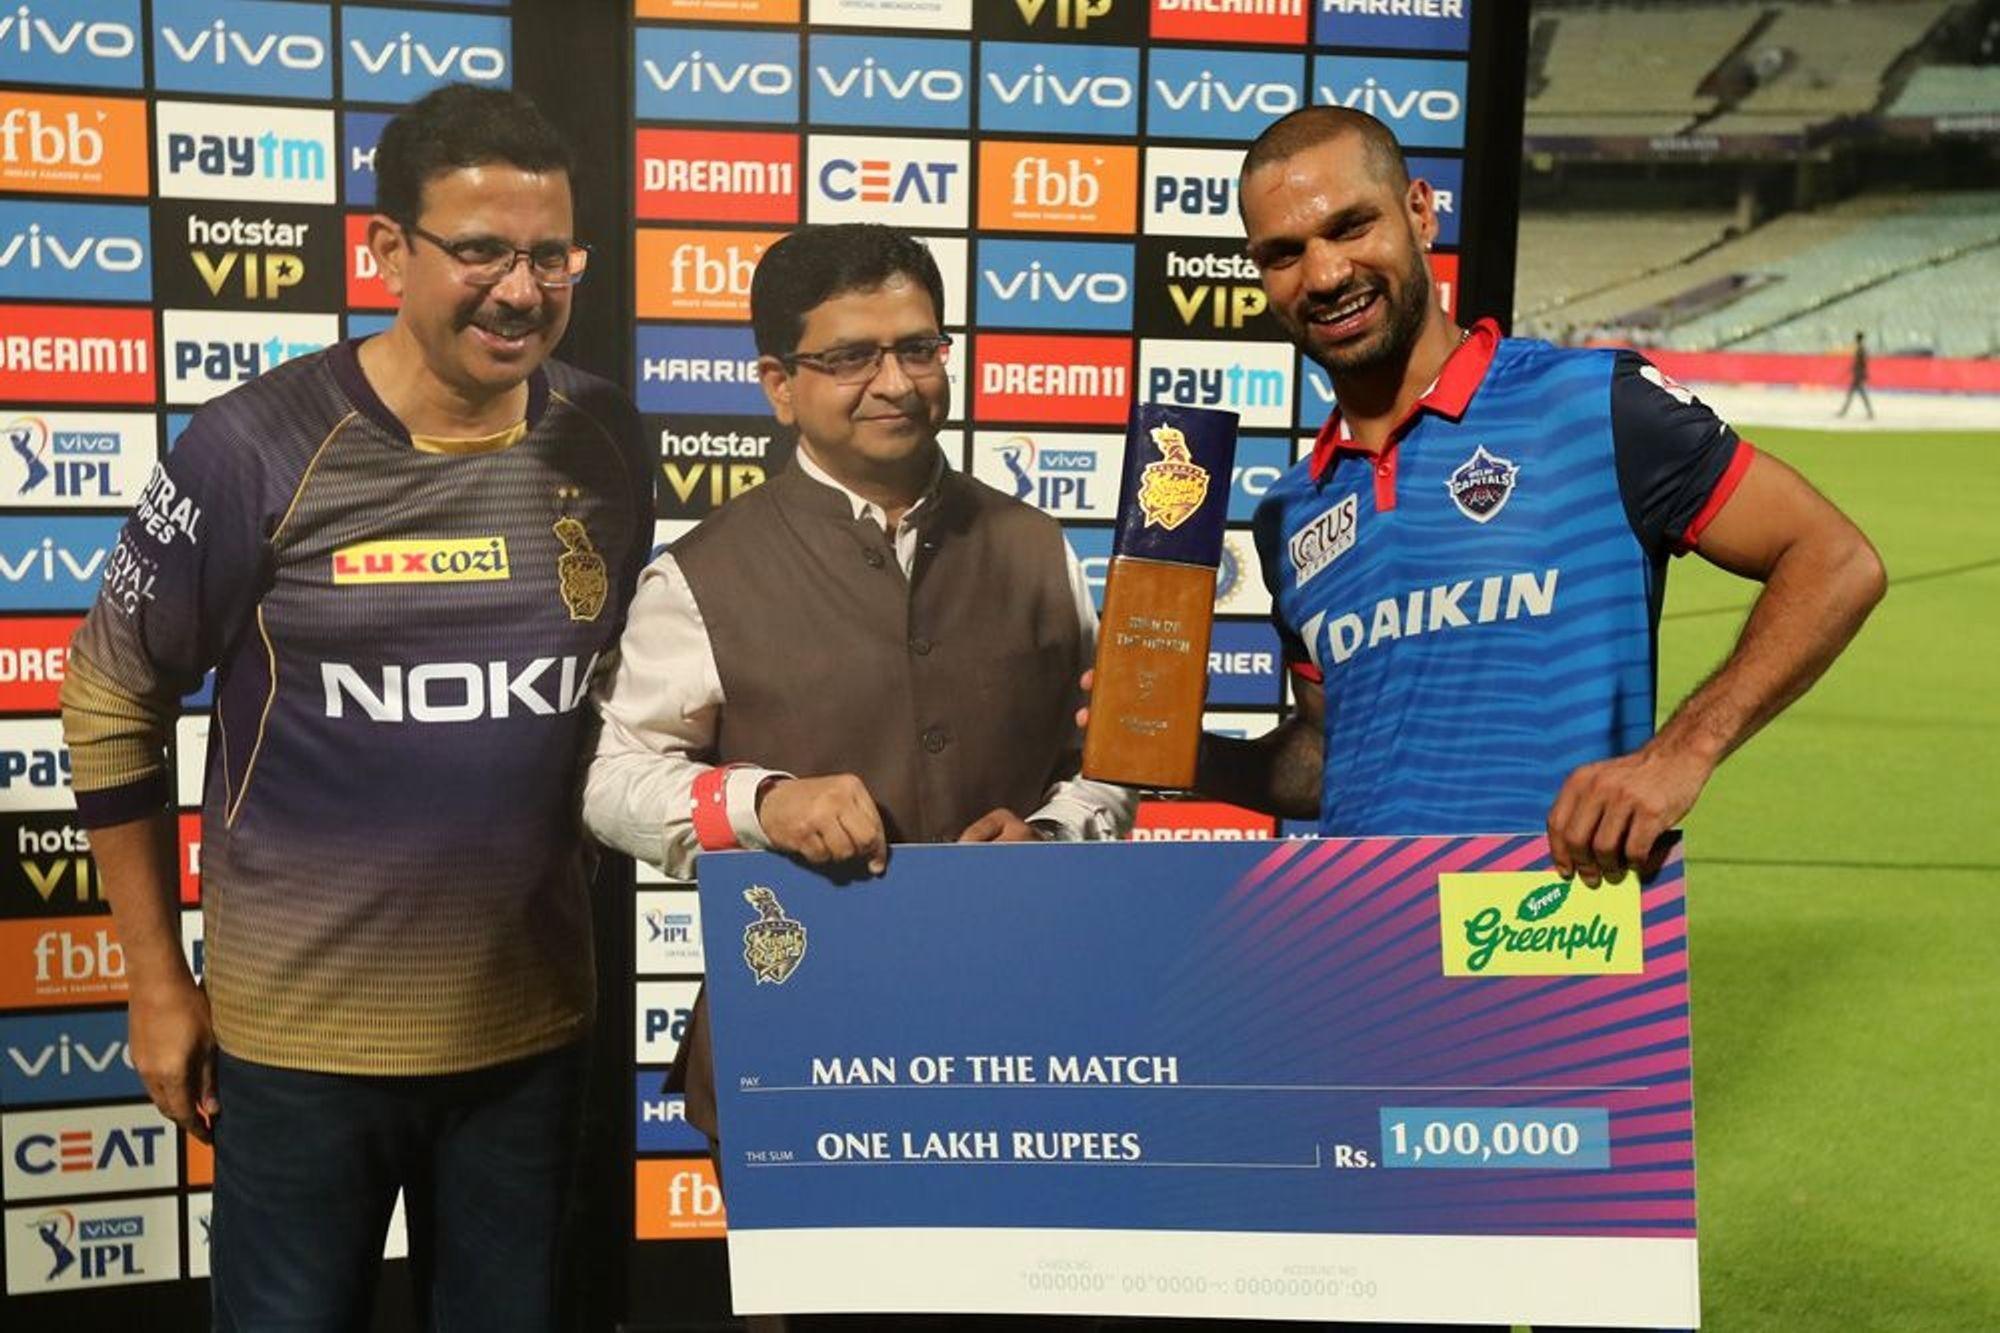 दिल्लीला 7 विकेटने विजय मिळवून देण्यात शिखर धवनने महत्त्वाची भूमिका बजावली. त्याने 63 चेंडूत 11 चौकार आणि 2 षटकारांसह नाबाद 97 धावांची खेळी केली. ही धवनची आयपीएलमधील सर्वोच्च धावसंख्या आहे.